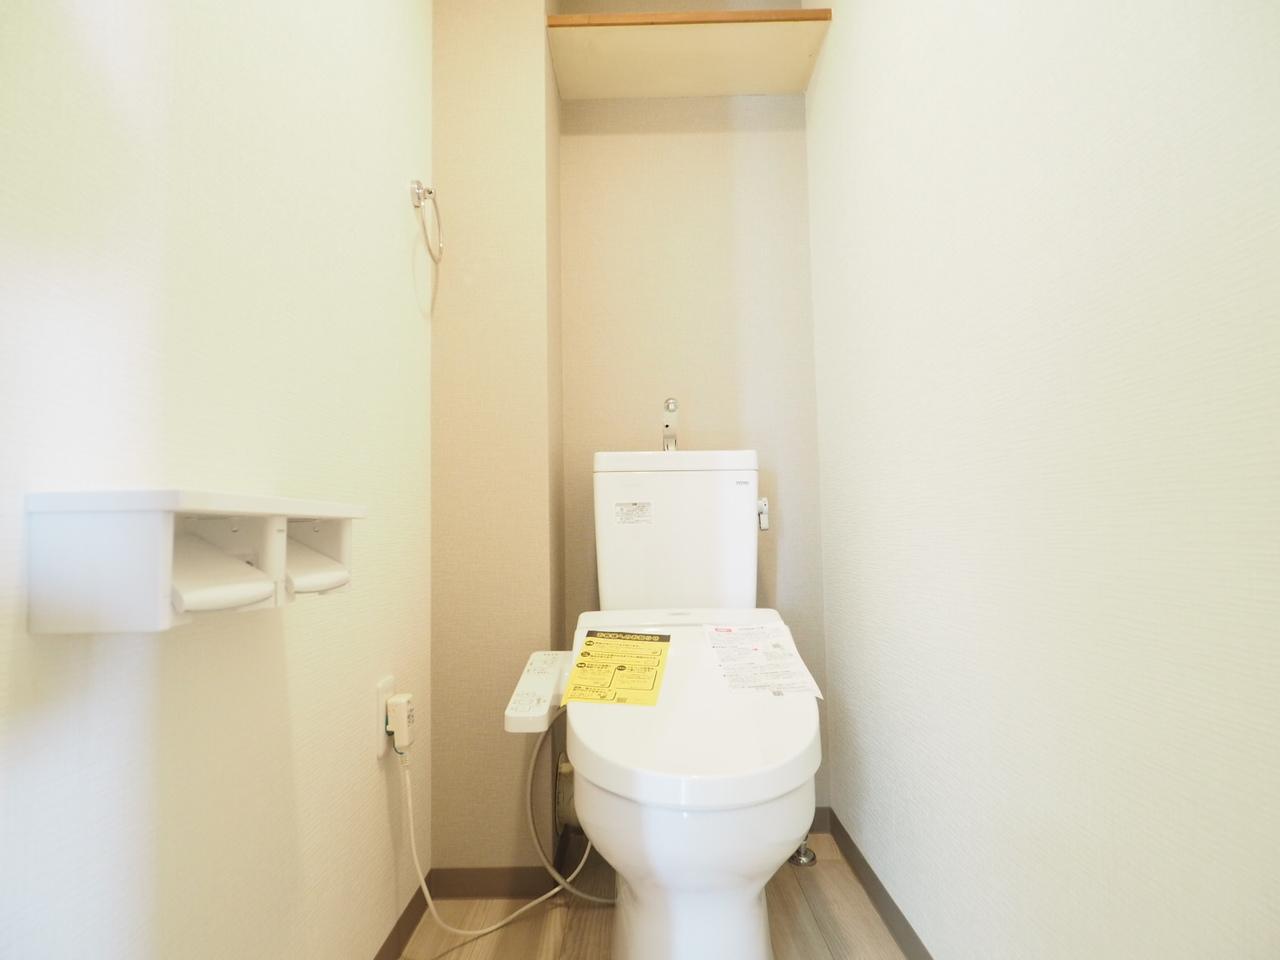 快適なウォシュレットトイレ(新規交換)